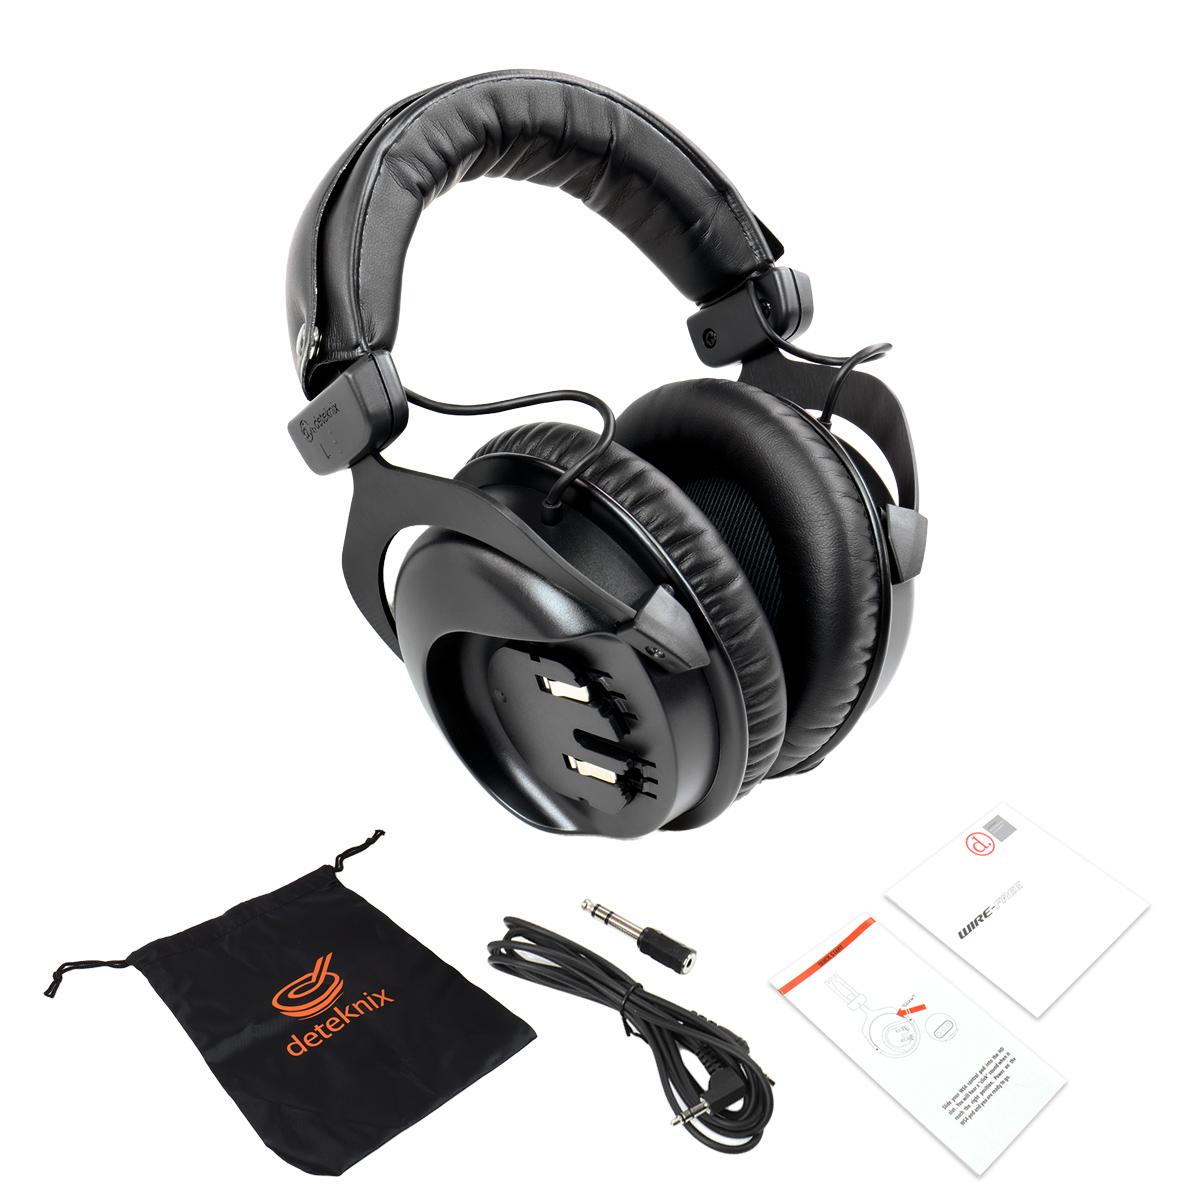 Quest Hd Compatible Wireless Headphones For Xp Deus Ws4 Module Metal Detector Detectors